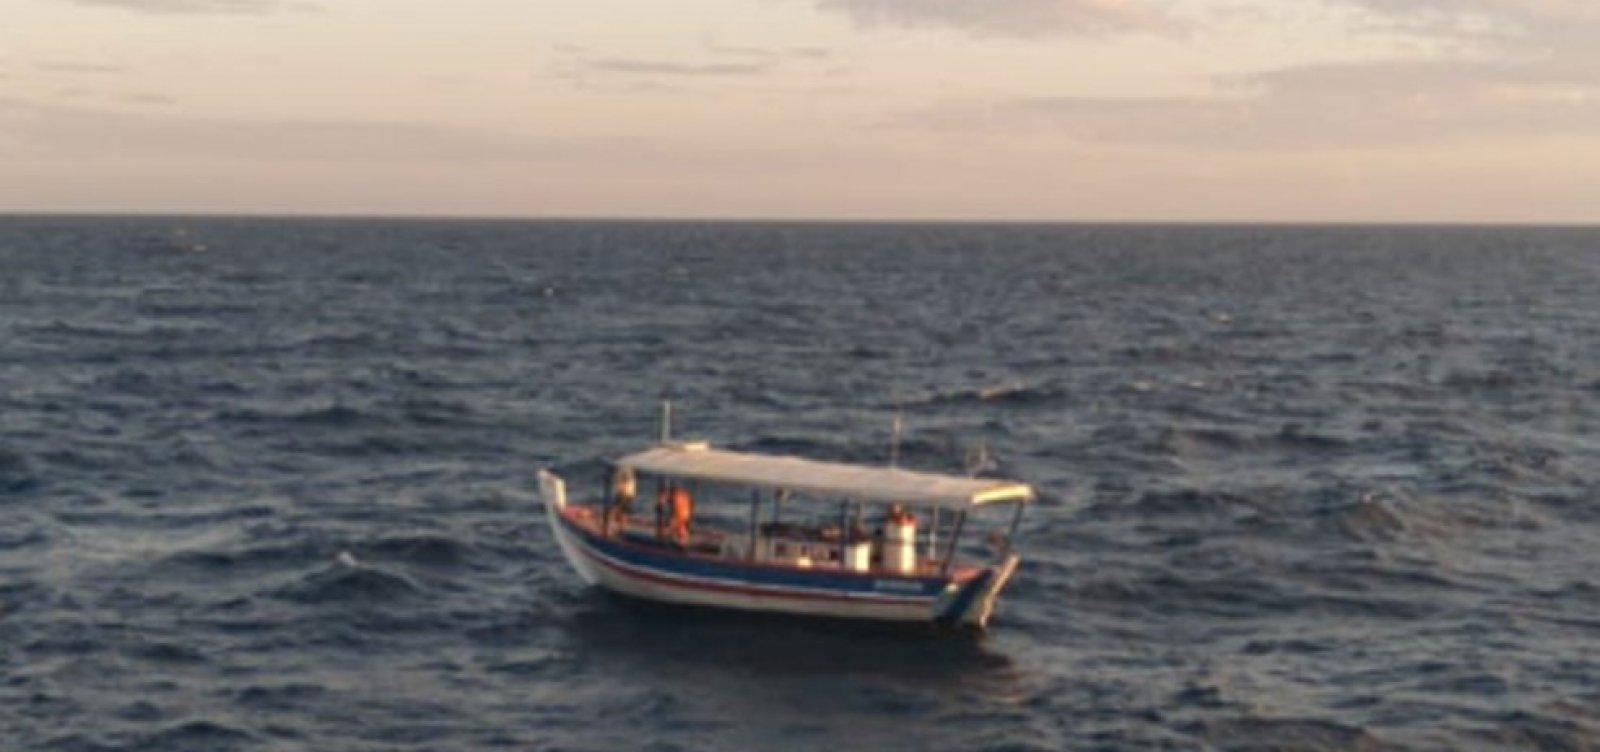 Pescadores desaparecem e são achados à deriva 4 dias depois na Ilha de Itaparica